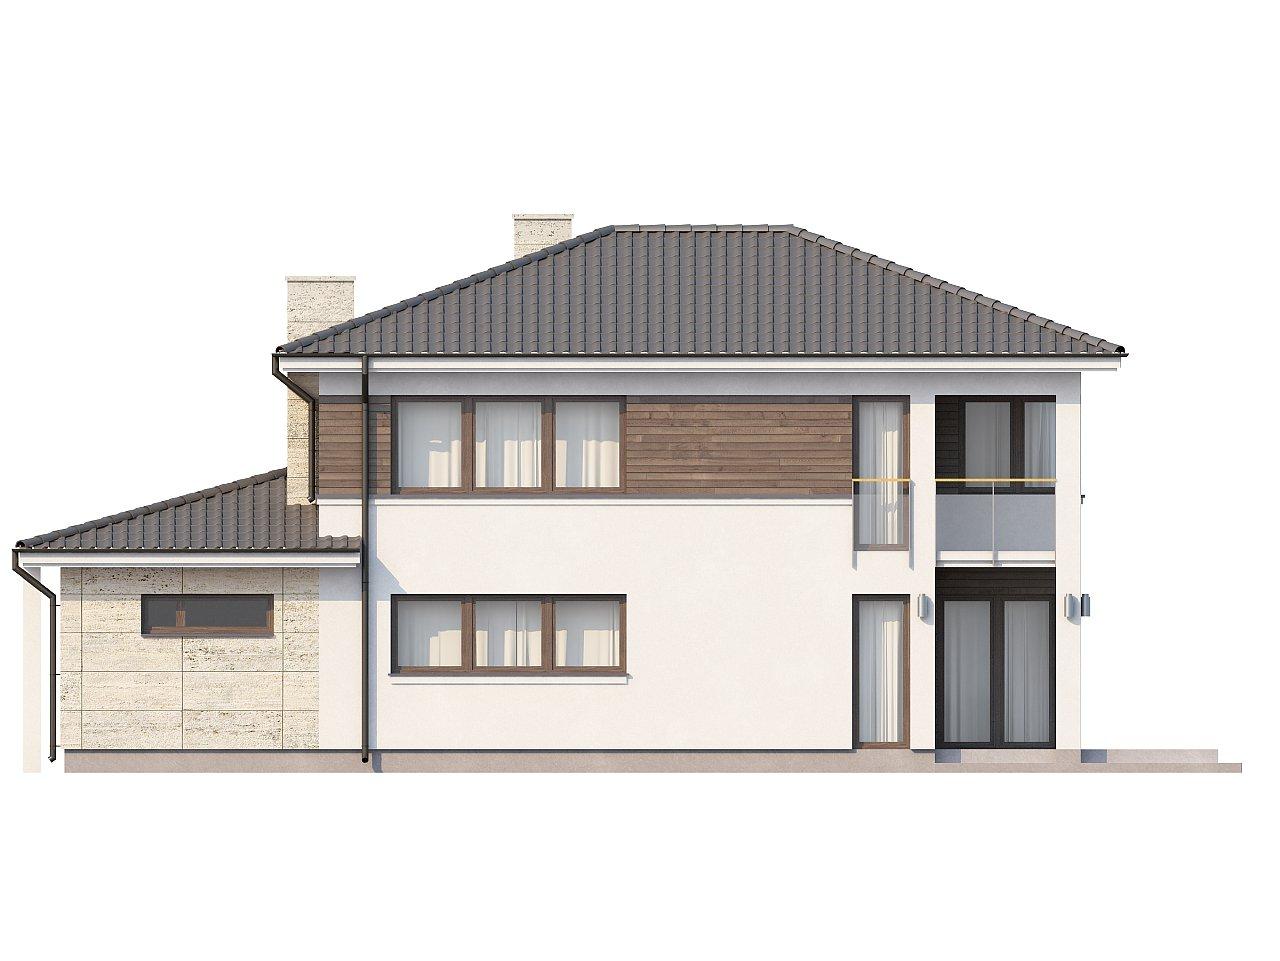 Двухэтажный современный дом с многоскатной низкой крышей, с гостиной с фронтальной стороны. - фото 5